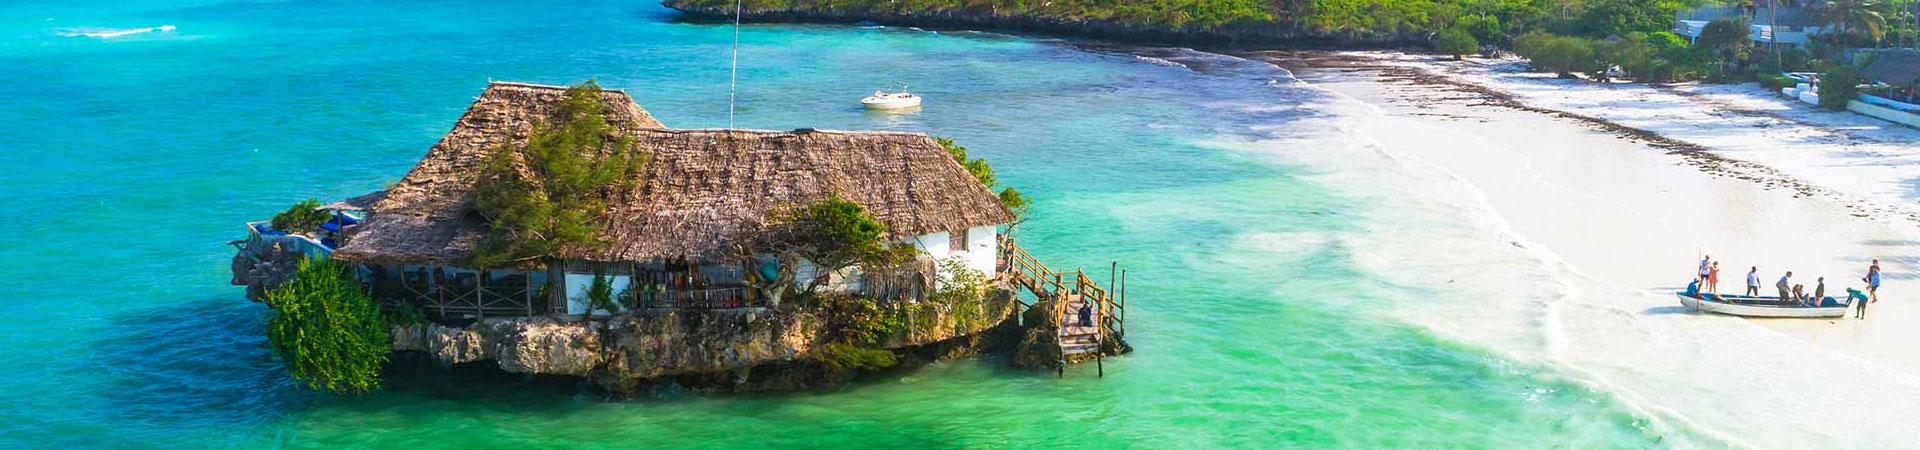 7-Days-Safari-and-Zanzibar-beach-holiday